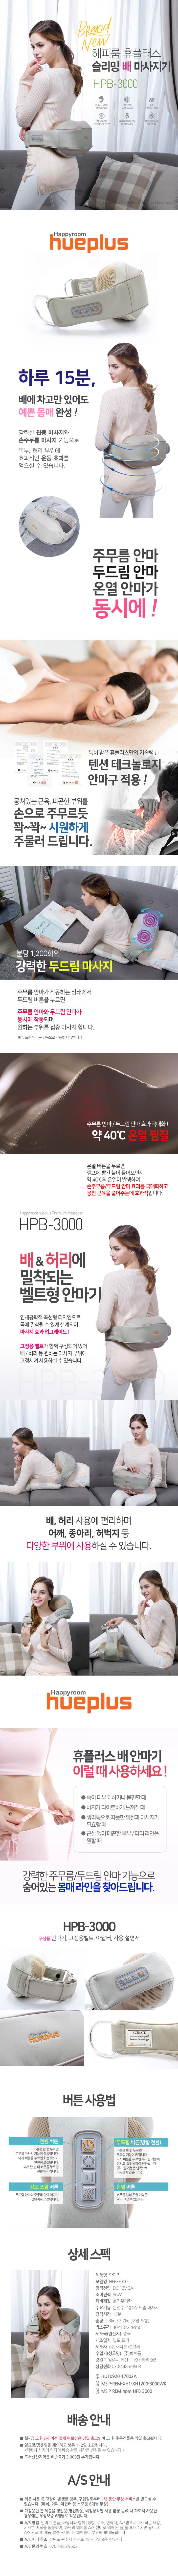 해피룸 휴플러스 슬리밍 복부 허리 마사지기 HPB-3000 - 휴플러스, 198,000원, 안마/교정, 부위안마기